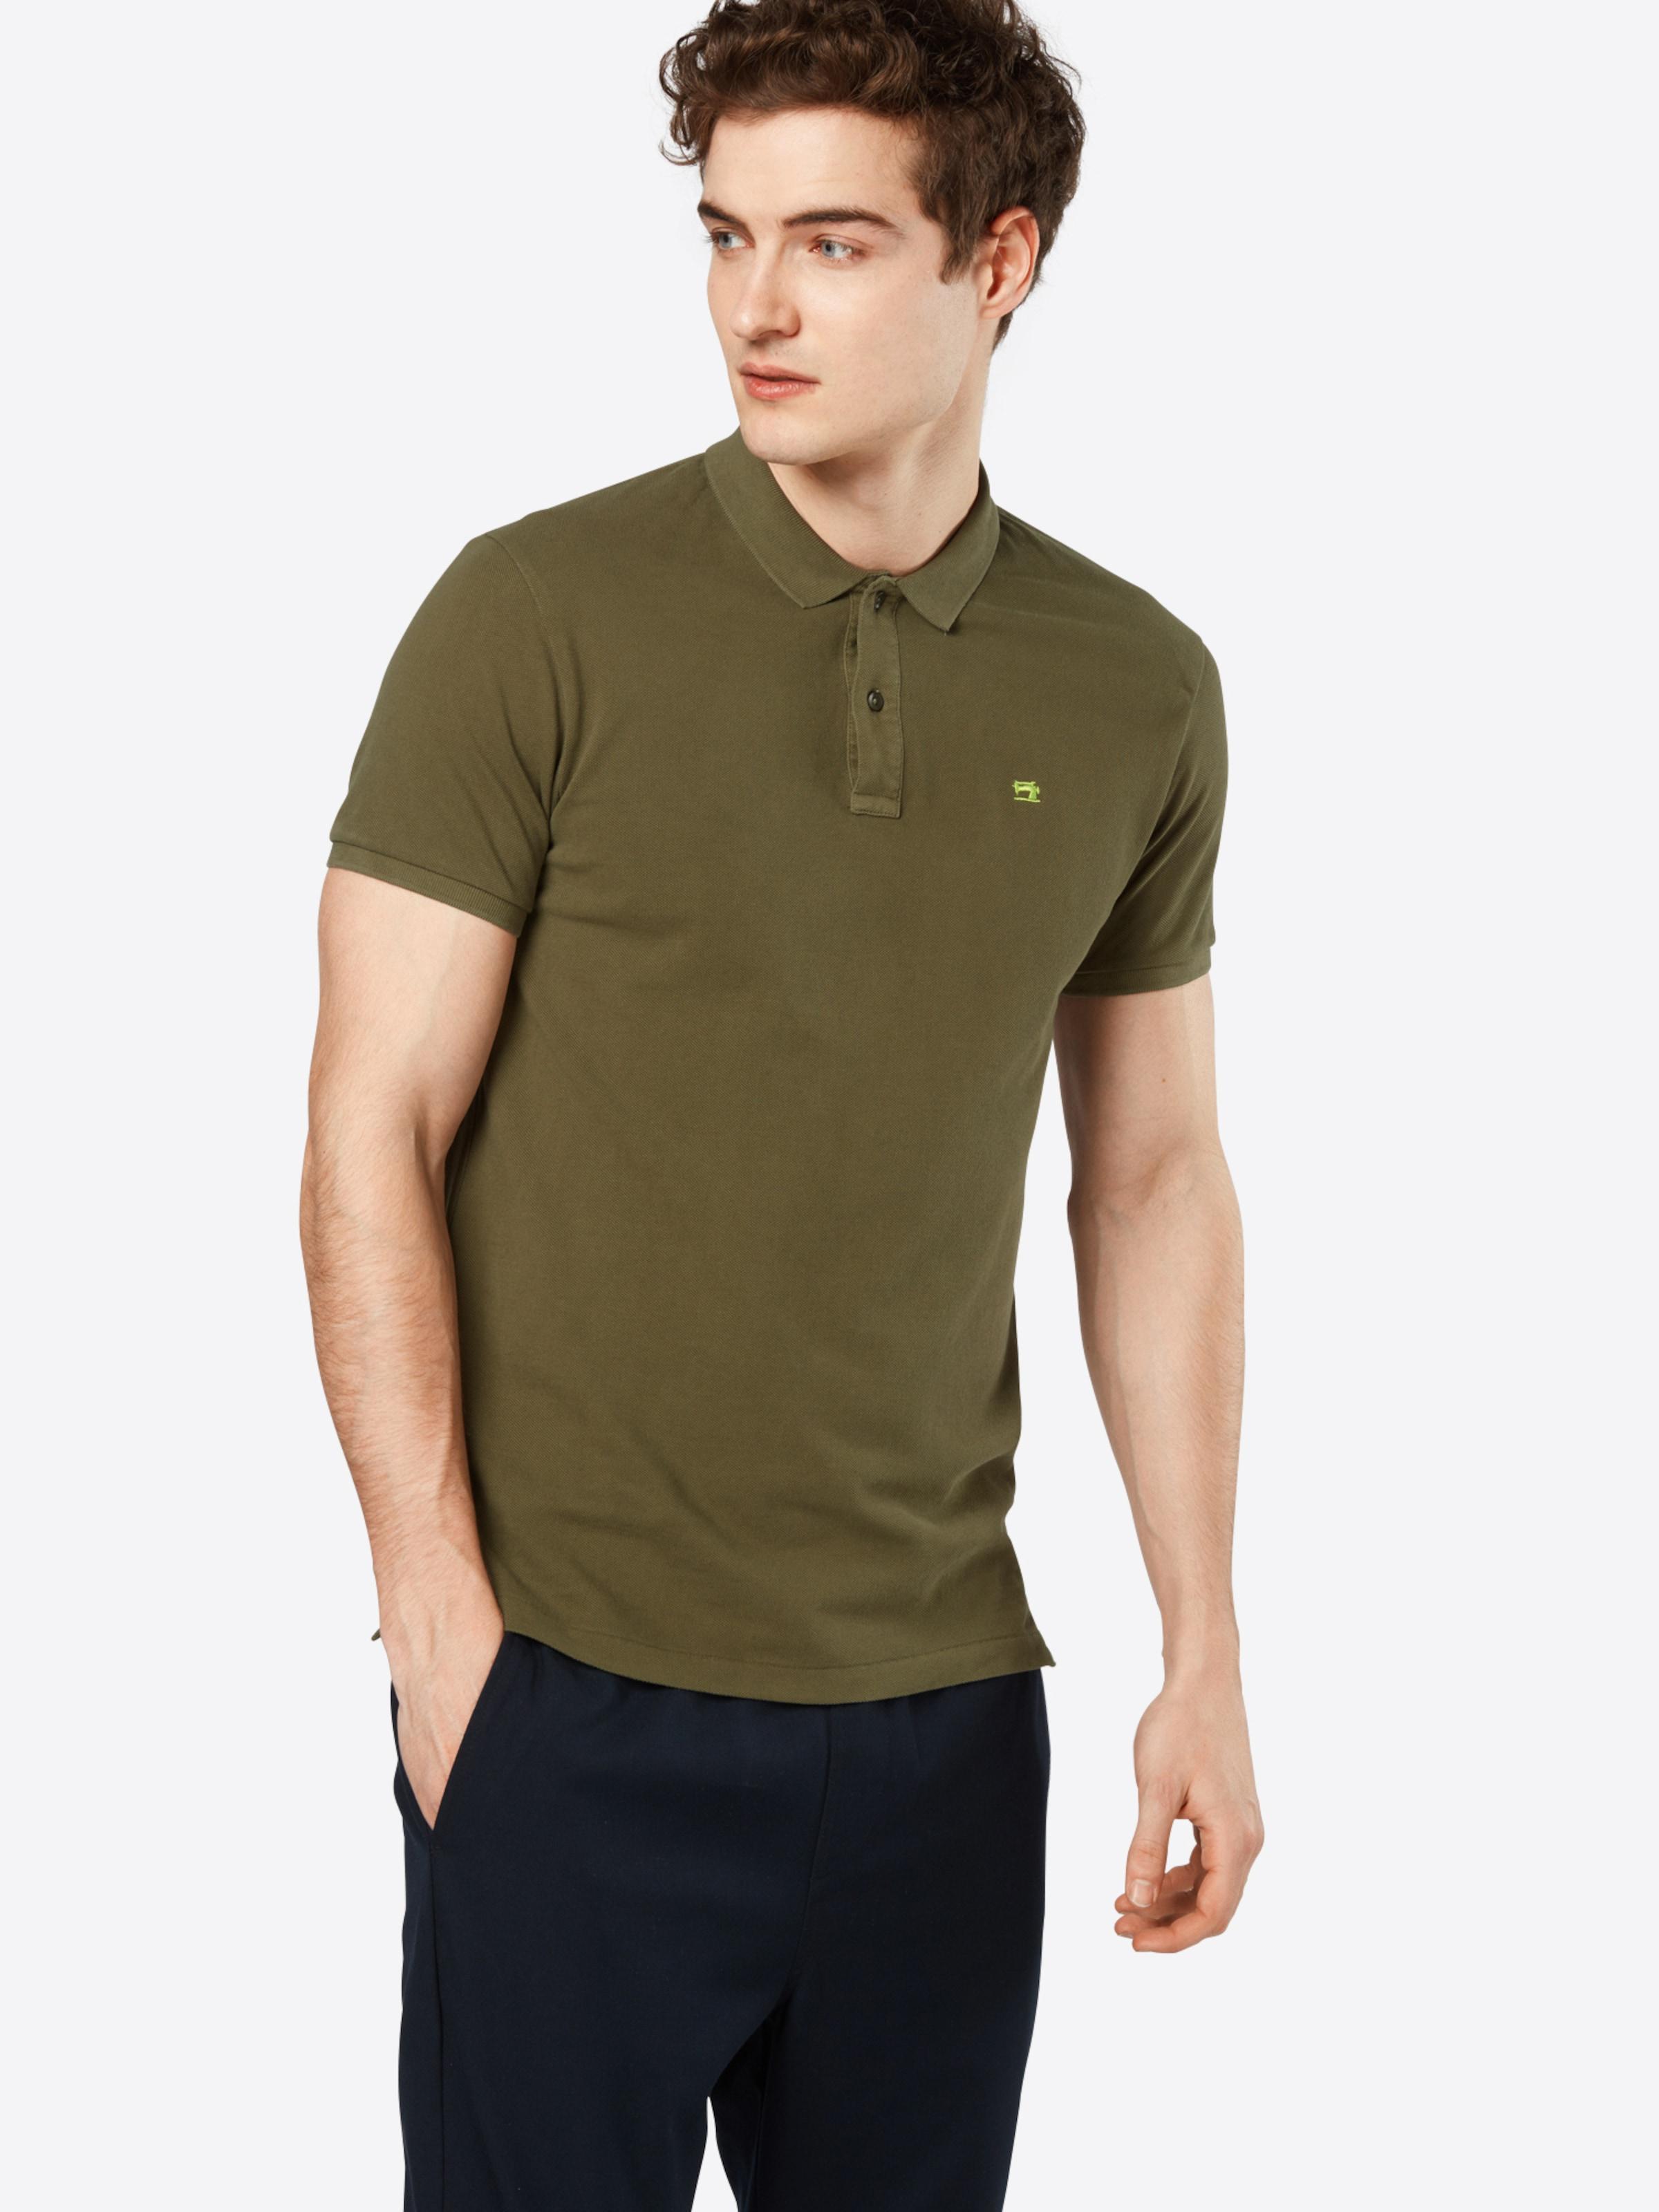 SCOTCH & SODA Poloshirt 'Classic garment-dyed pique' Spielraum Spielraum Spielraum Online-Fälschung Verkauf Bestseller YP8bCZPS